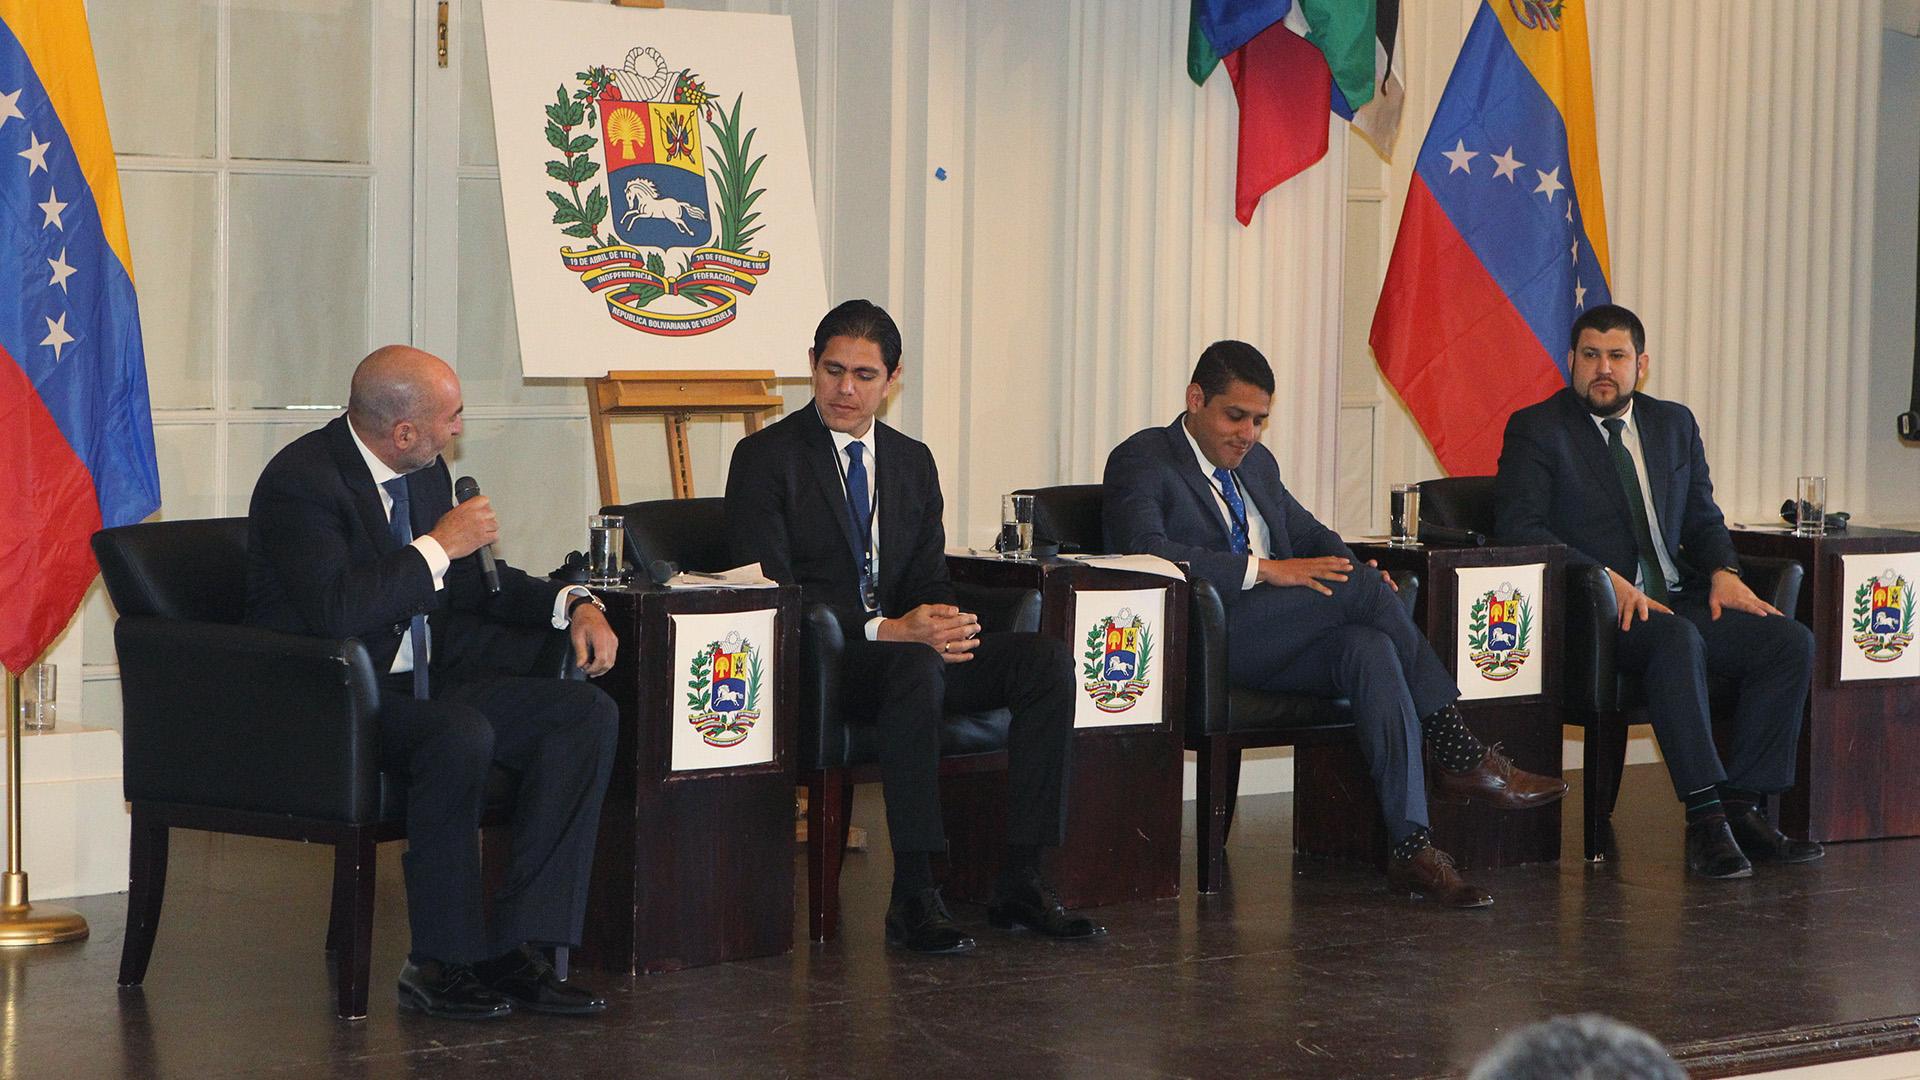 Diputado José Manuel Olivares; Lester Toledo, Coordinador internacional para la Ayuda Humanitaria, y David Smolansky, Coordinador del Grupo de Trabajo de la Crisis de Migrantes y Refugiados Venezolanos de la Organización de Estados Americanos